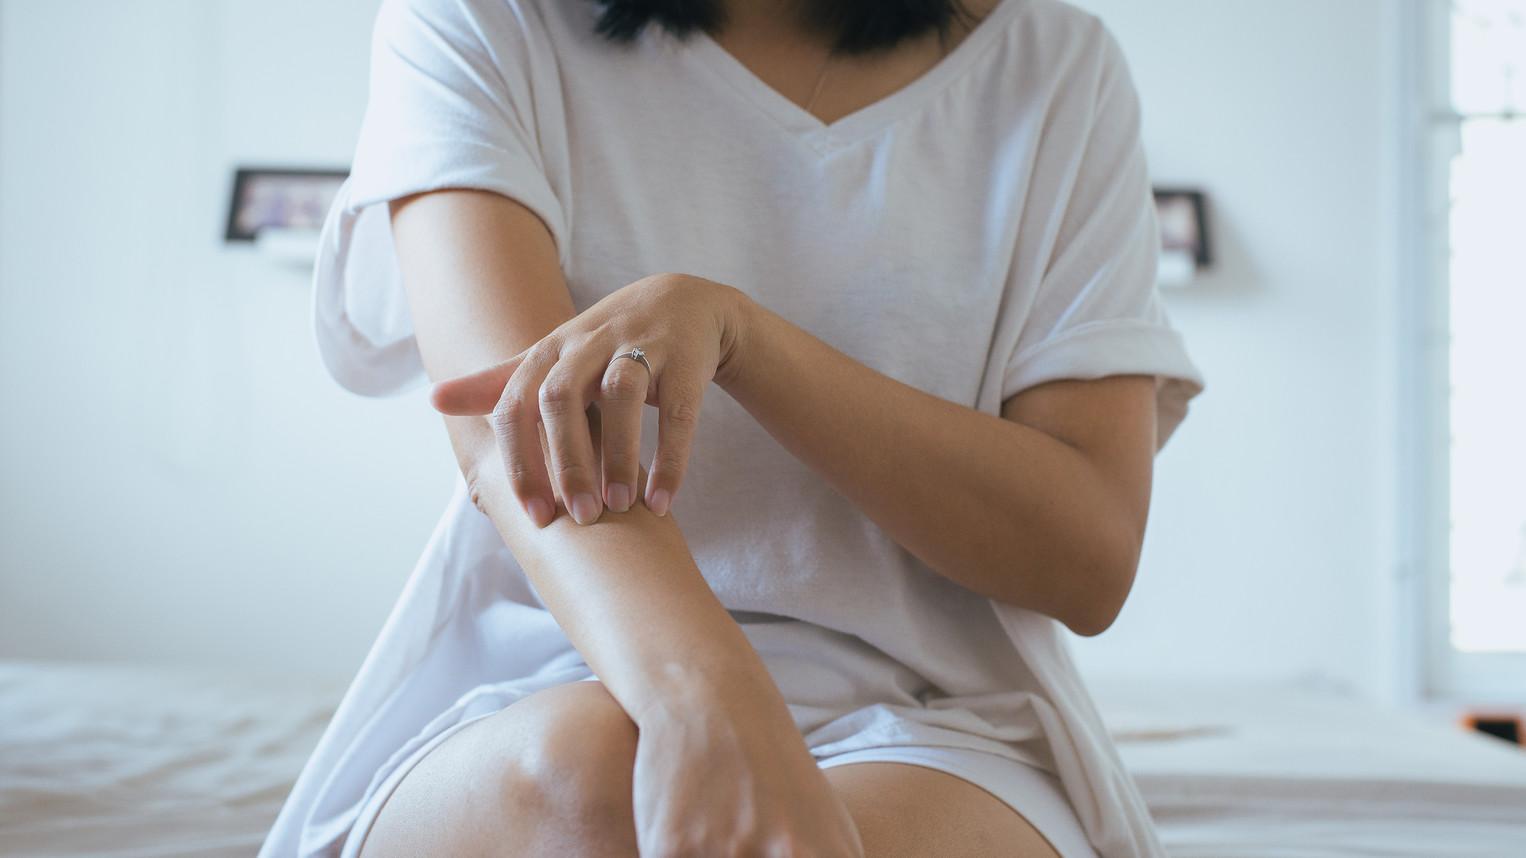 pikkelysömör kezelése ózon adagolással a lábán egy kis piros folt viszket